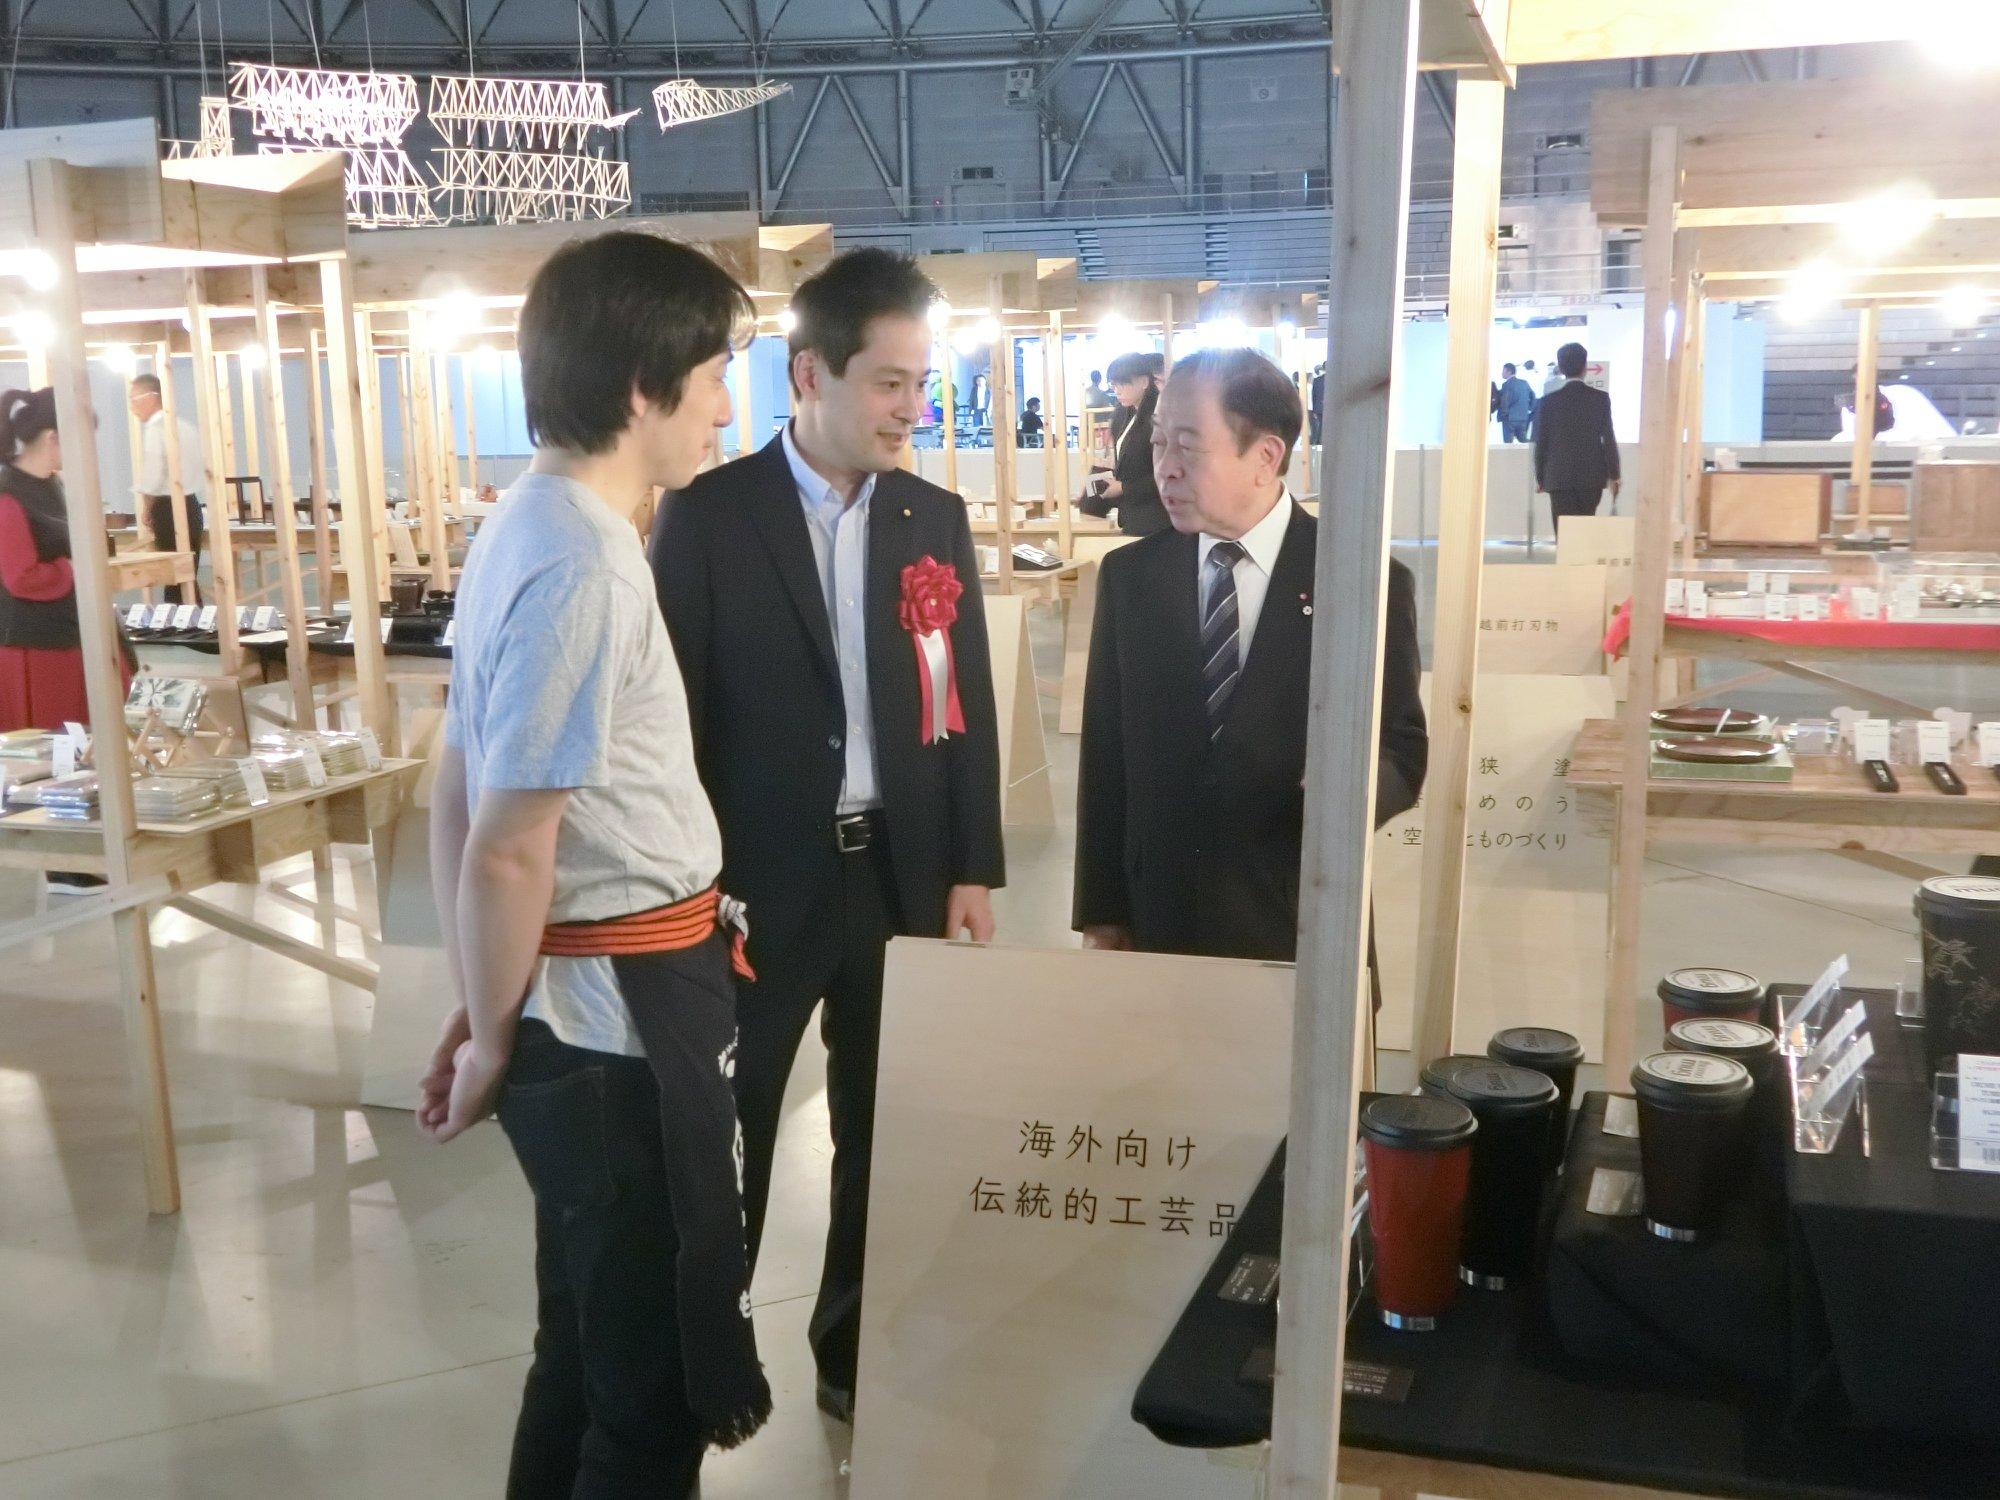 ヨーロッパ等世界中へ地元工芸品の販路を拡げていきます